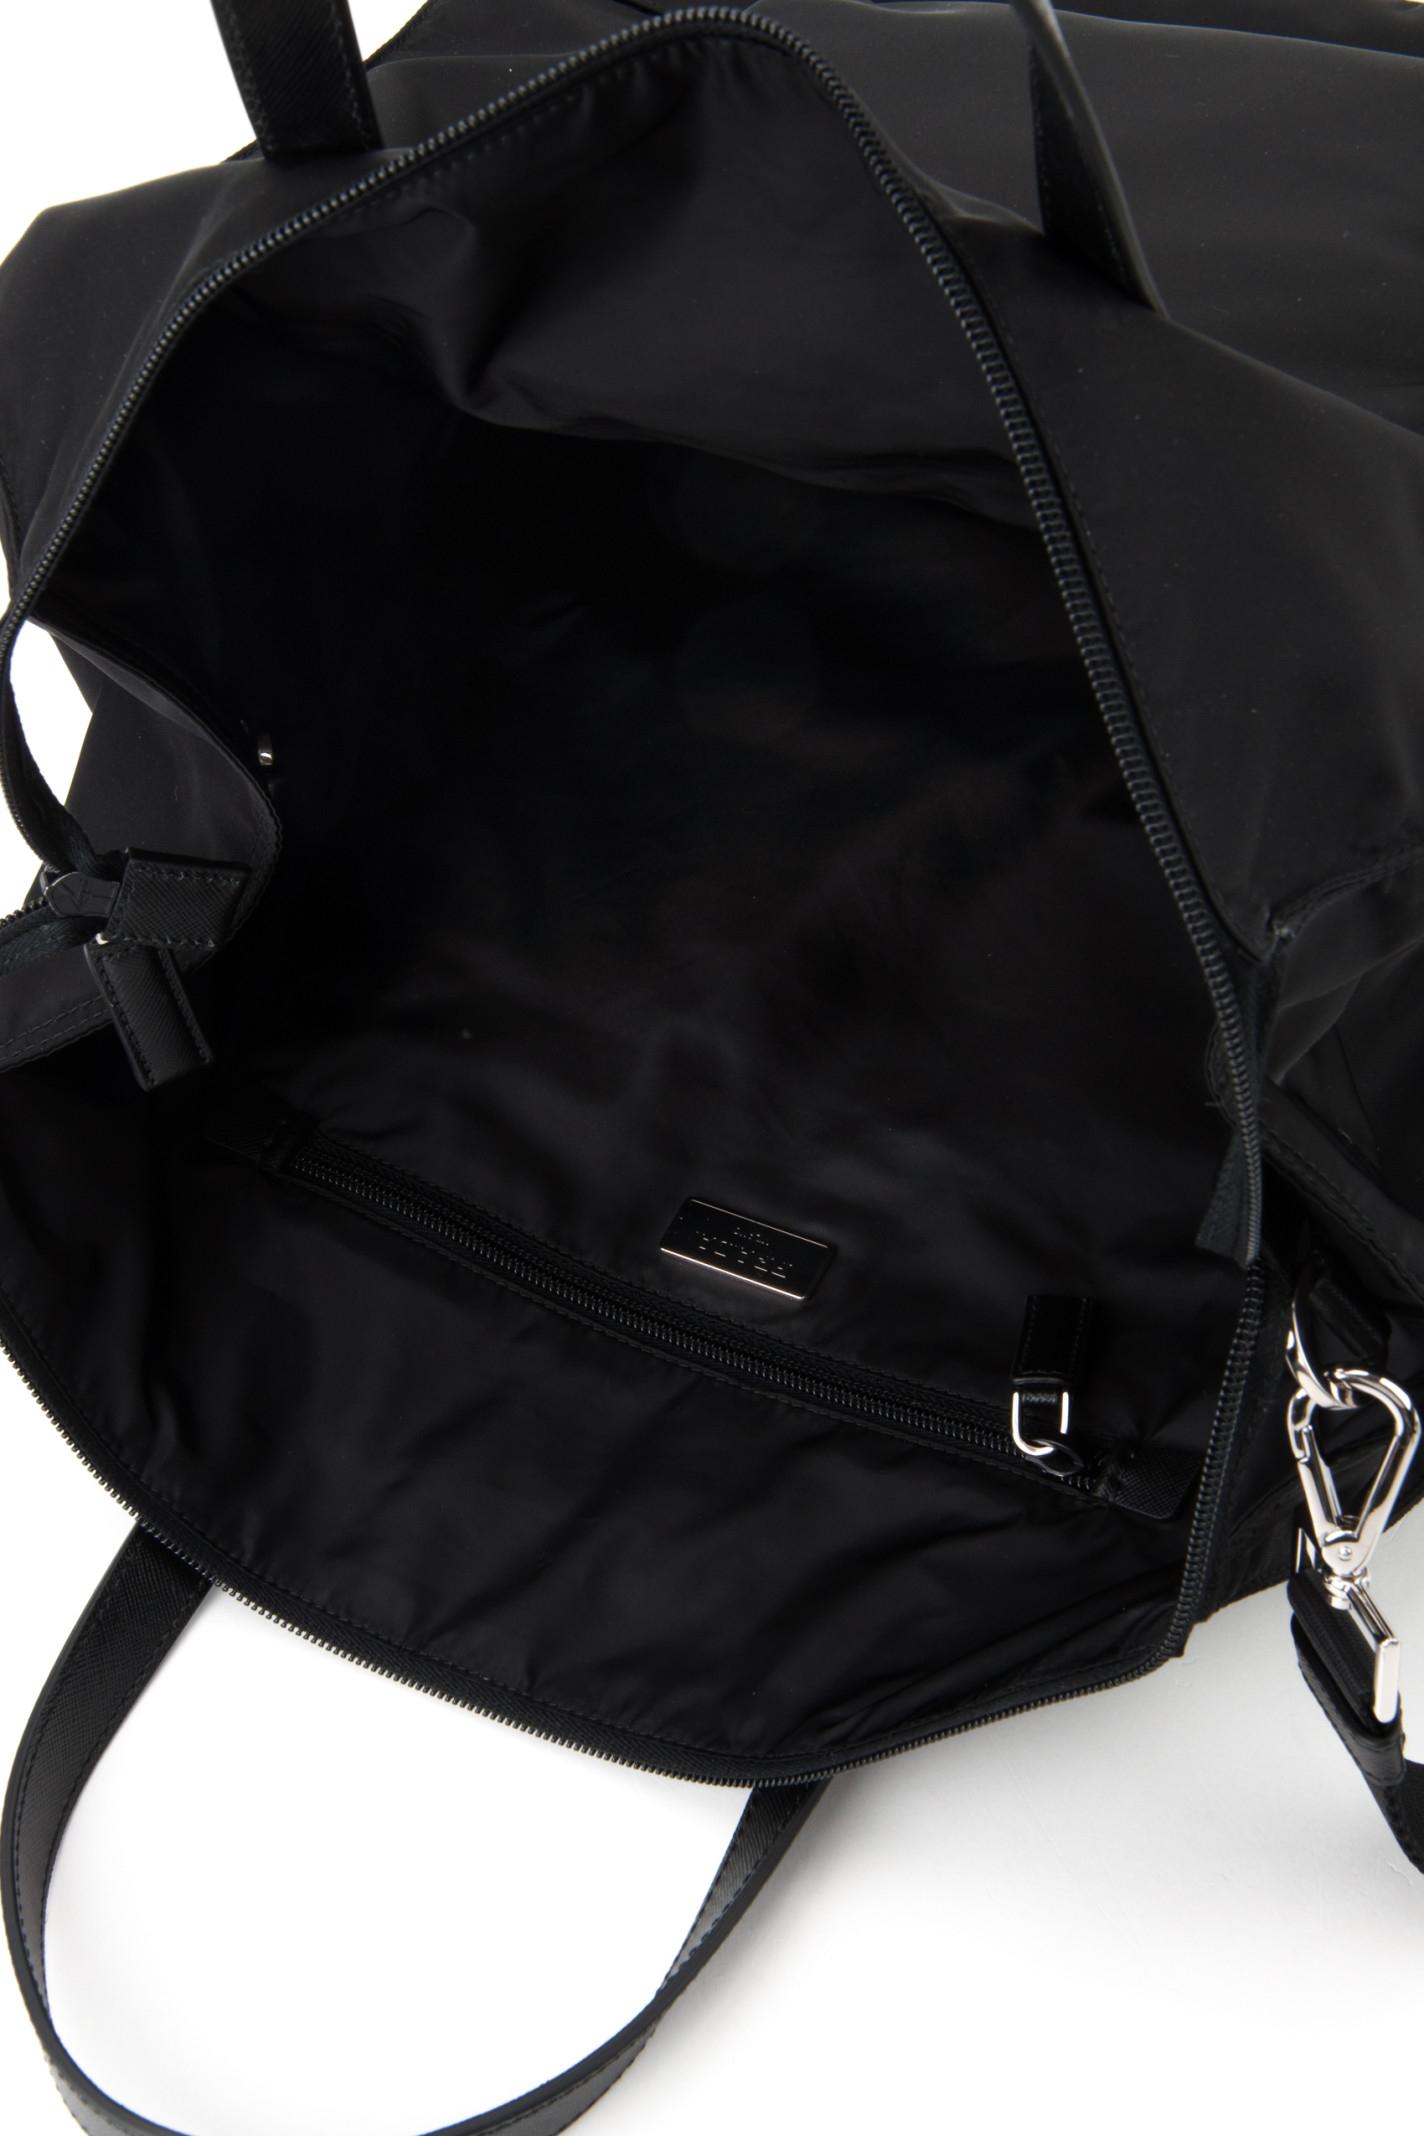 c44d447cc6a6cb Prada Twill And Saffiano Travel Bag in Black for Men (NERO)   Lyst